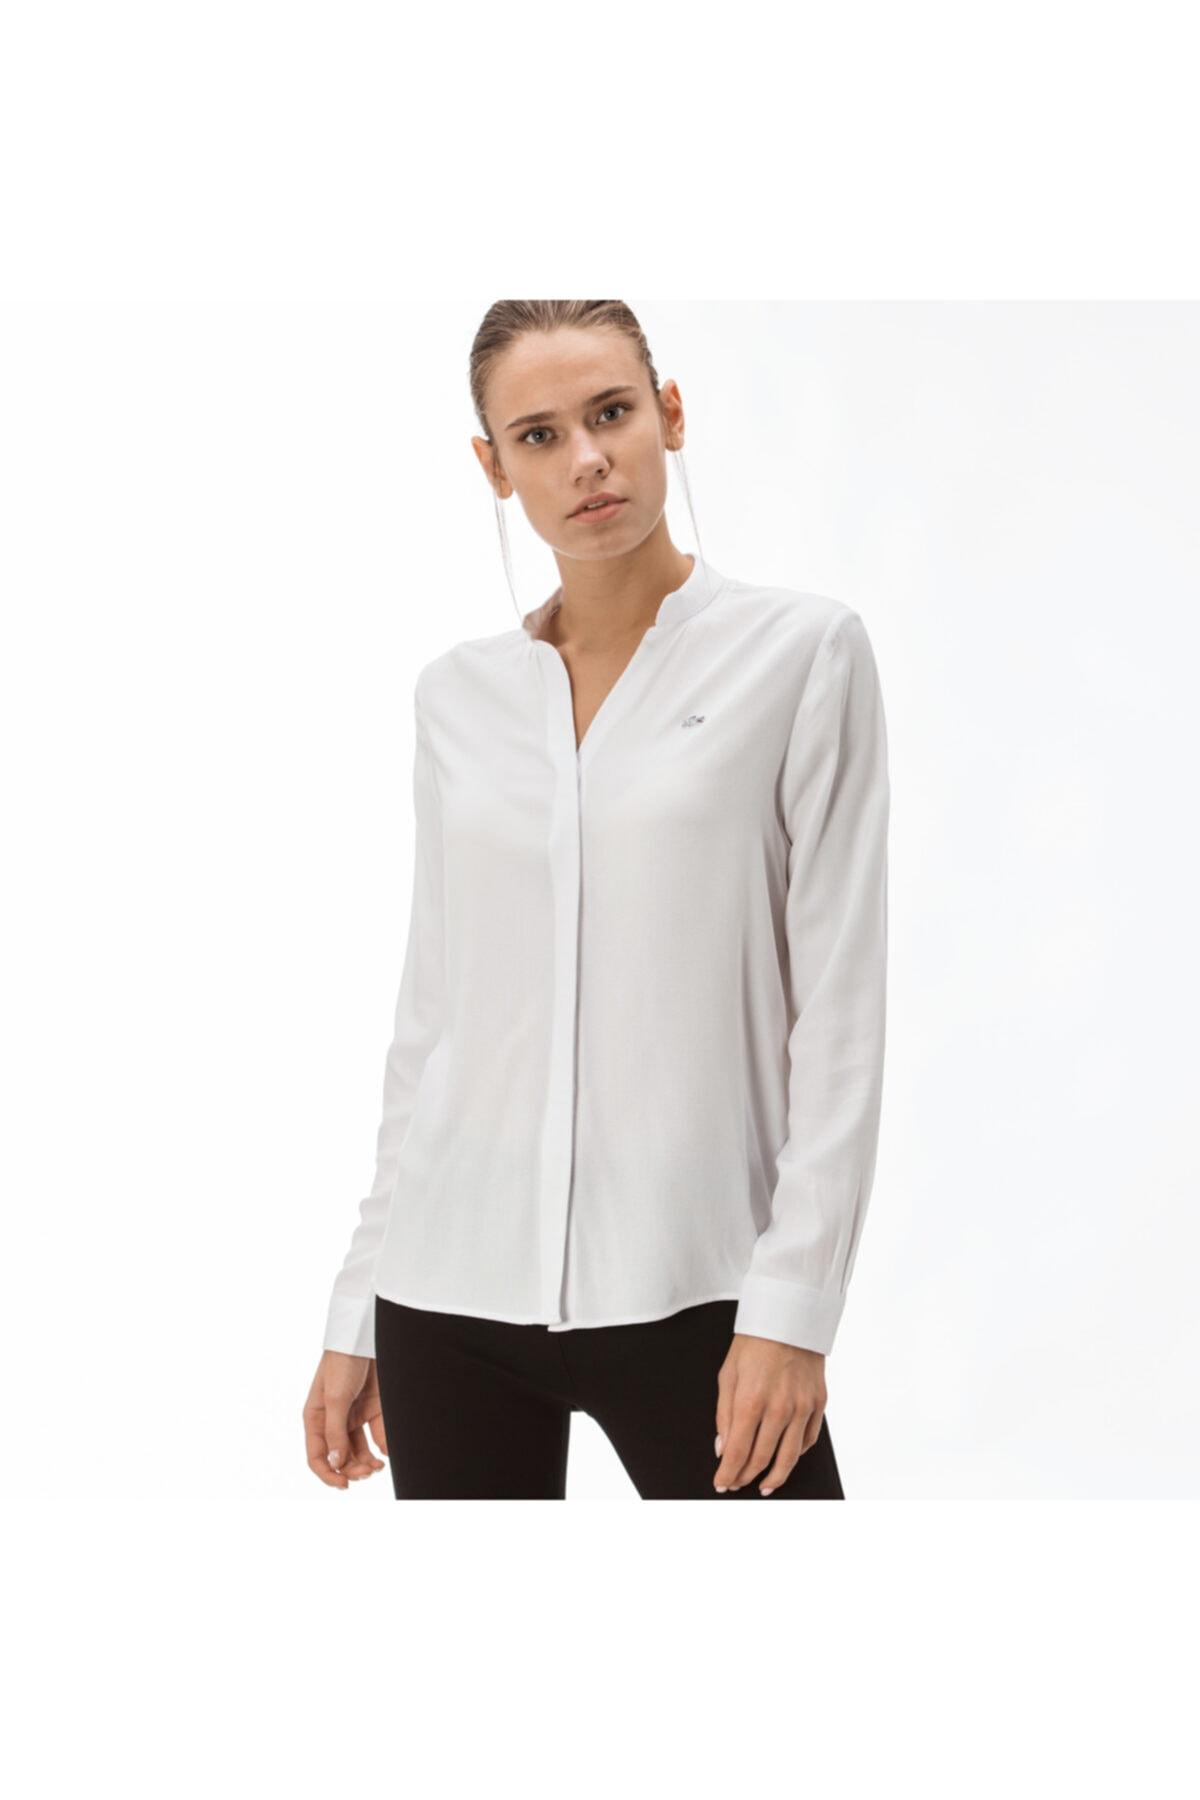 Kadın Beyaz Gömlek